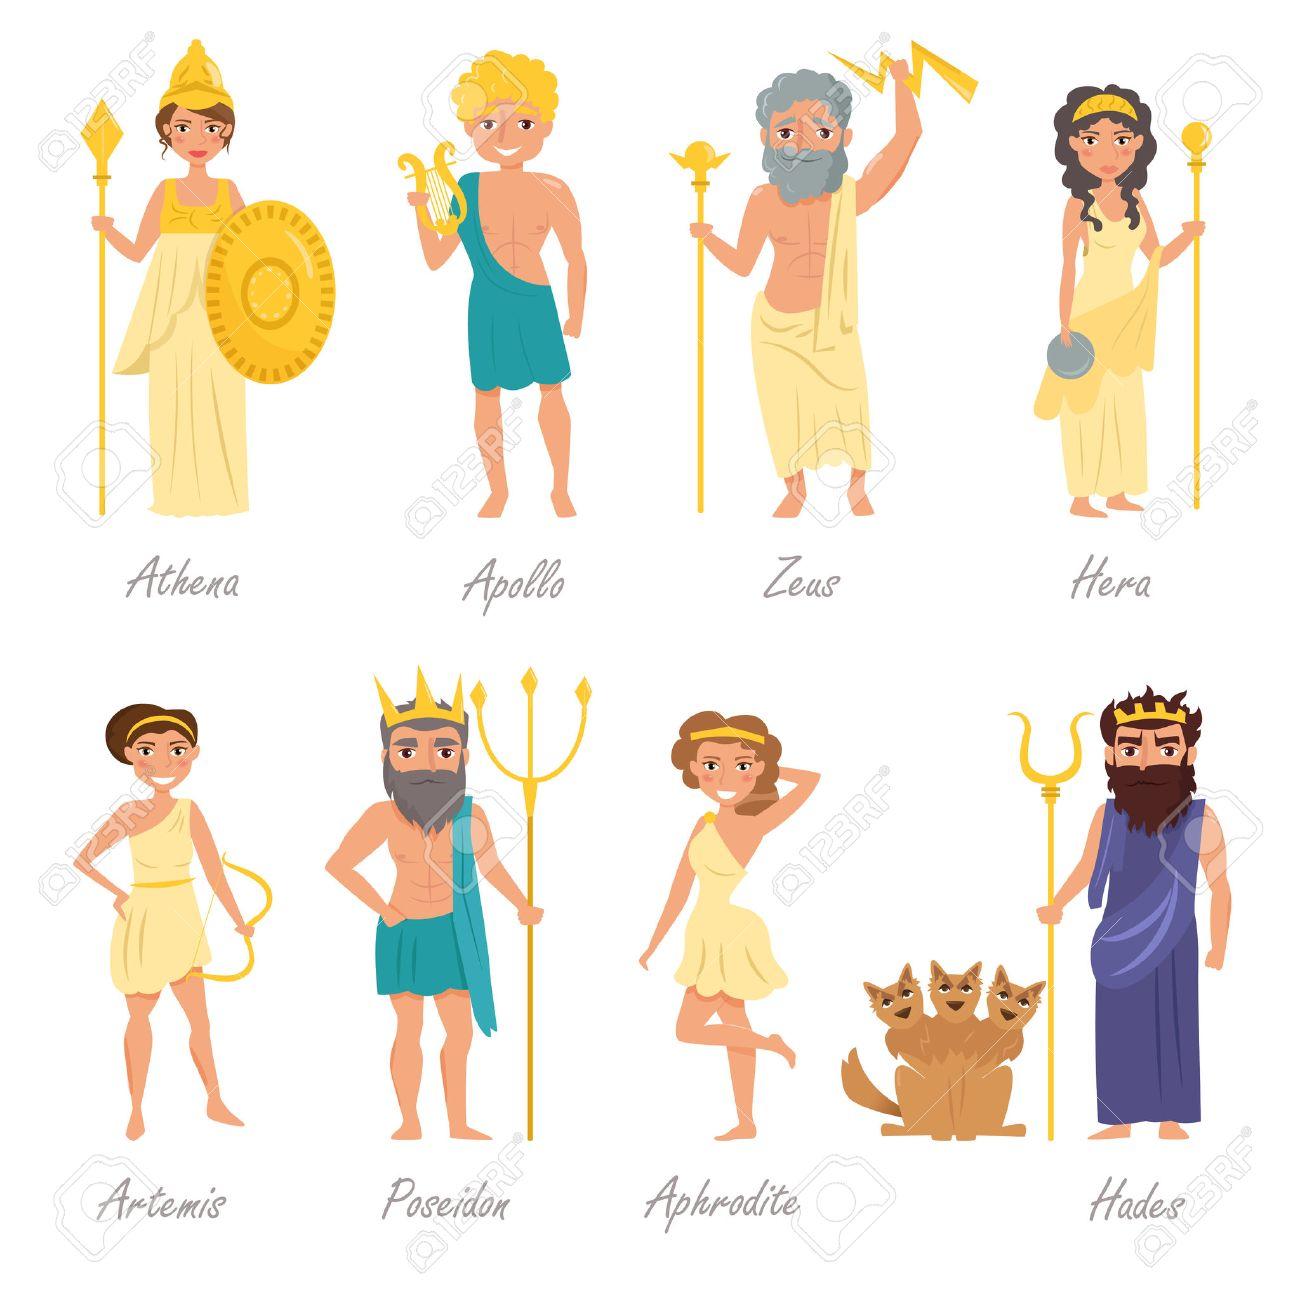 greek gods artemis poseidon aphrodite hades hera apollo